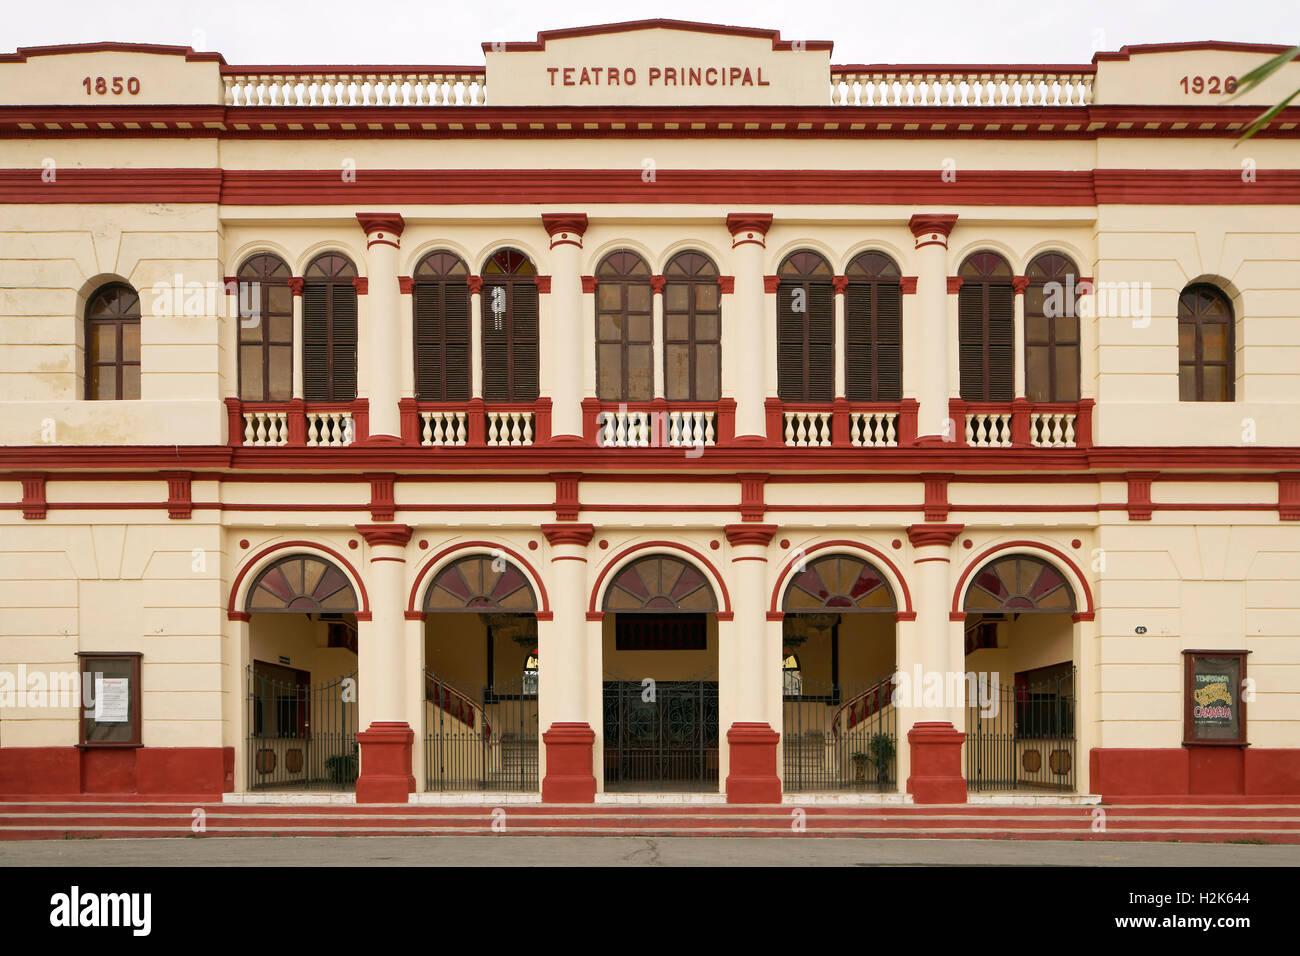 Teatro Principal, 1850 gegründet, Kolonialstil, Camagüey, Provinz Camagüey, Kuba Stockbild